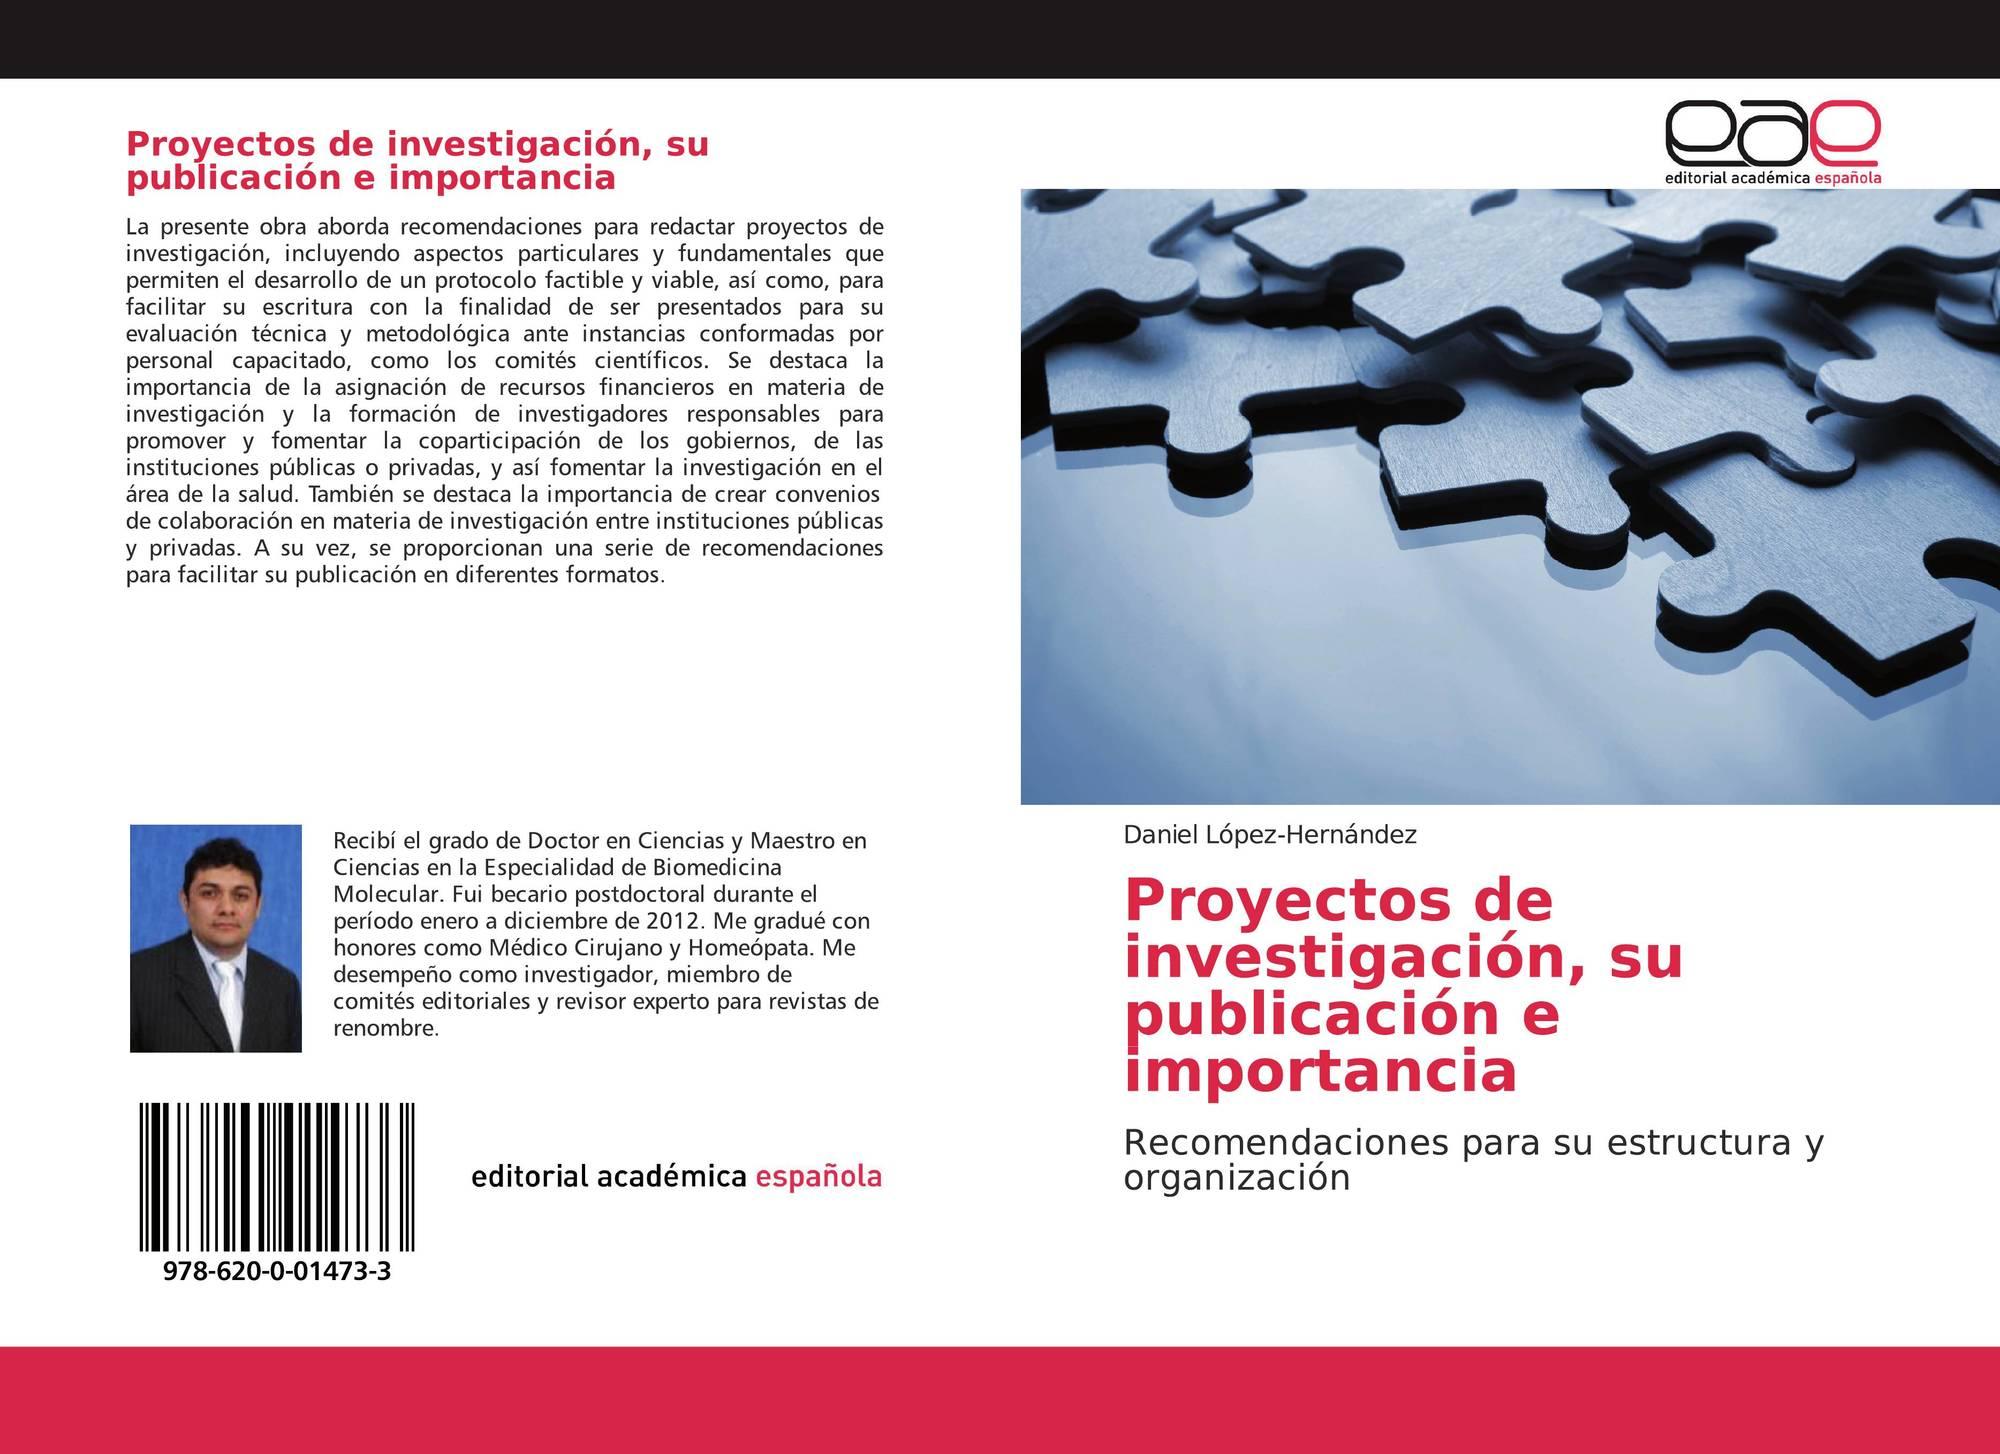 Proyectos De Investigación Su Publicación E Importancia